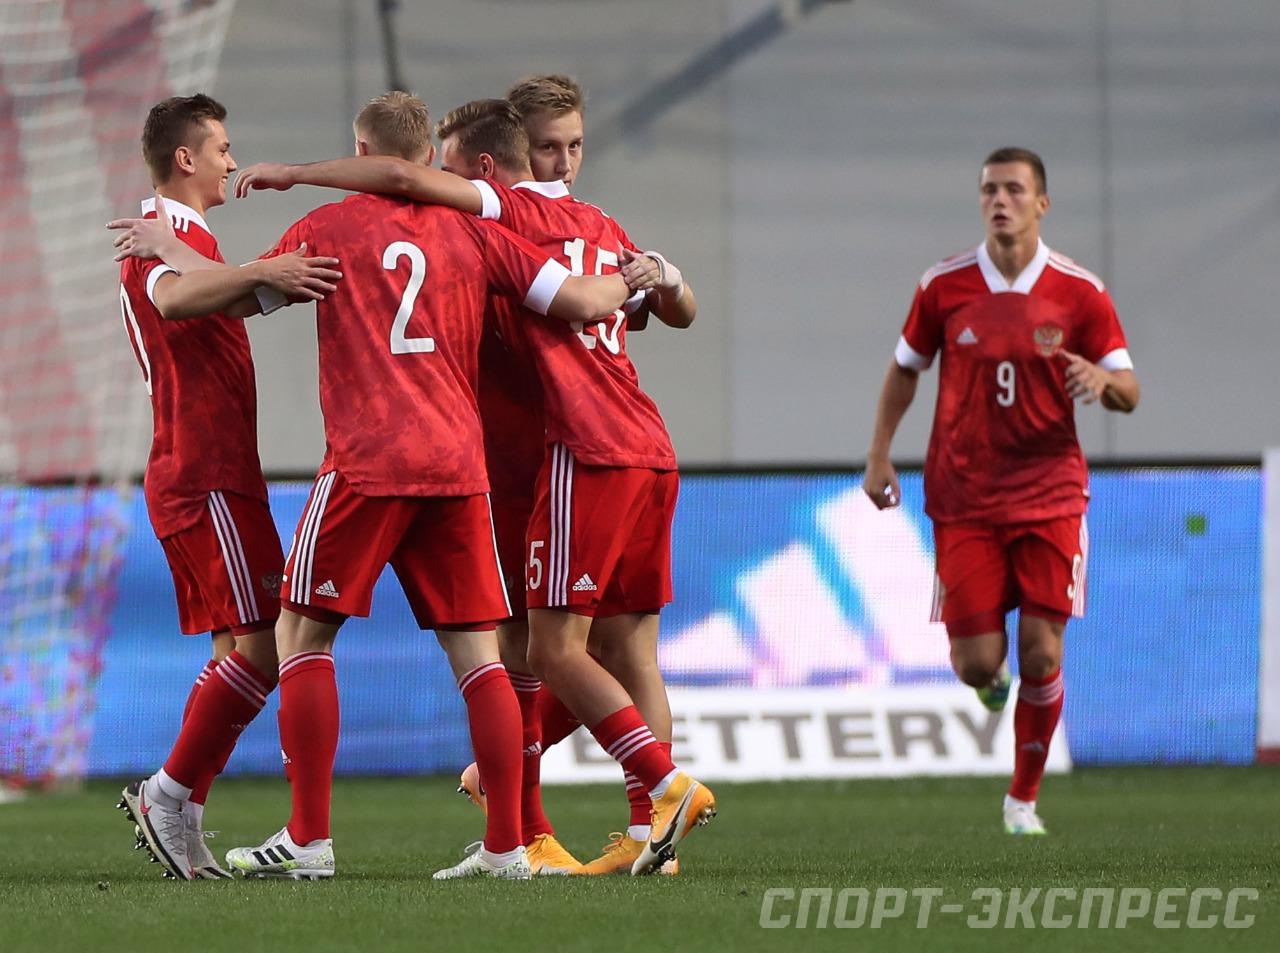 футболисты сборной россии богачи фото надеемся